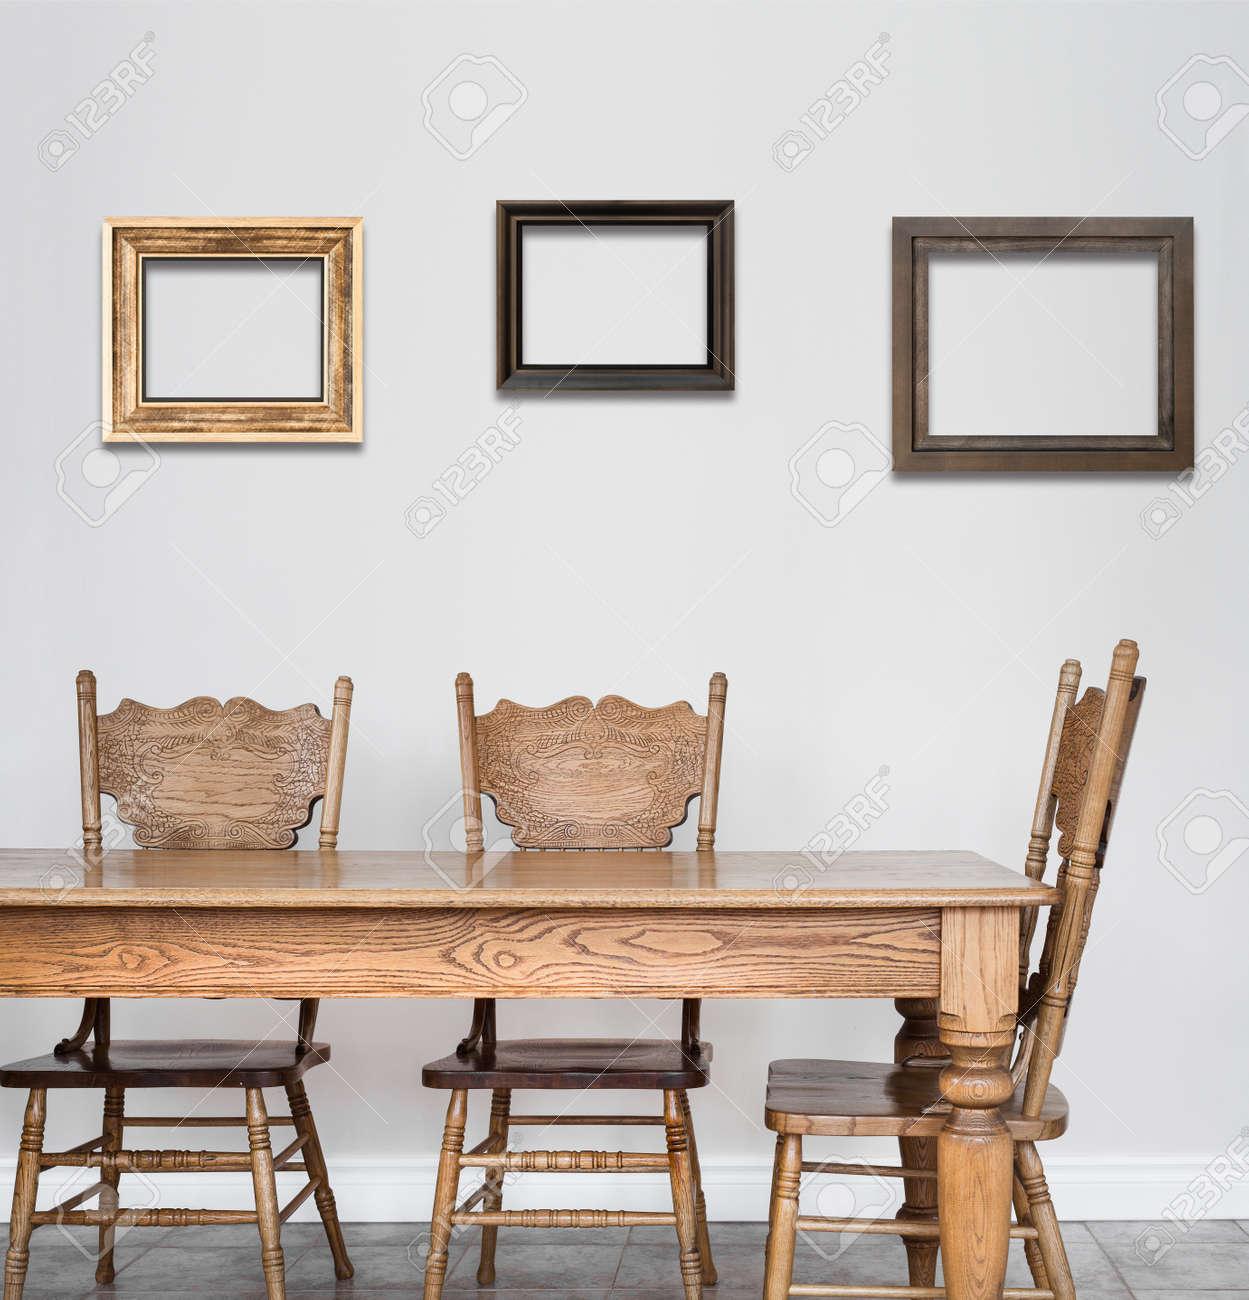 banque d images table en bois de salle a manger et une chaise de details et de cadres vides pour votre texte image ou un logo ou meme des photos de